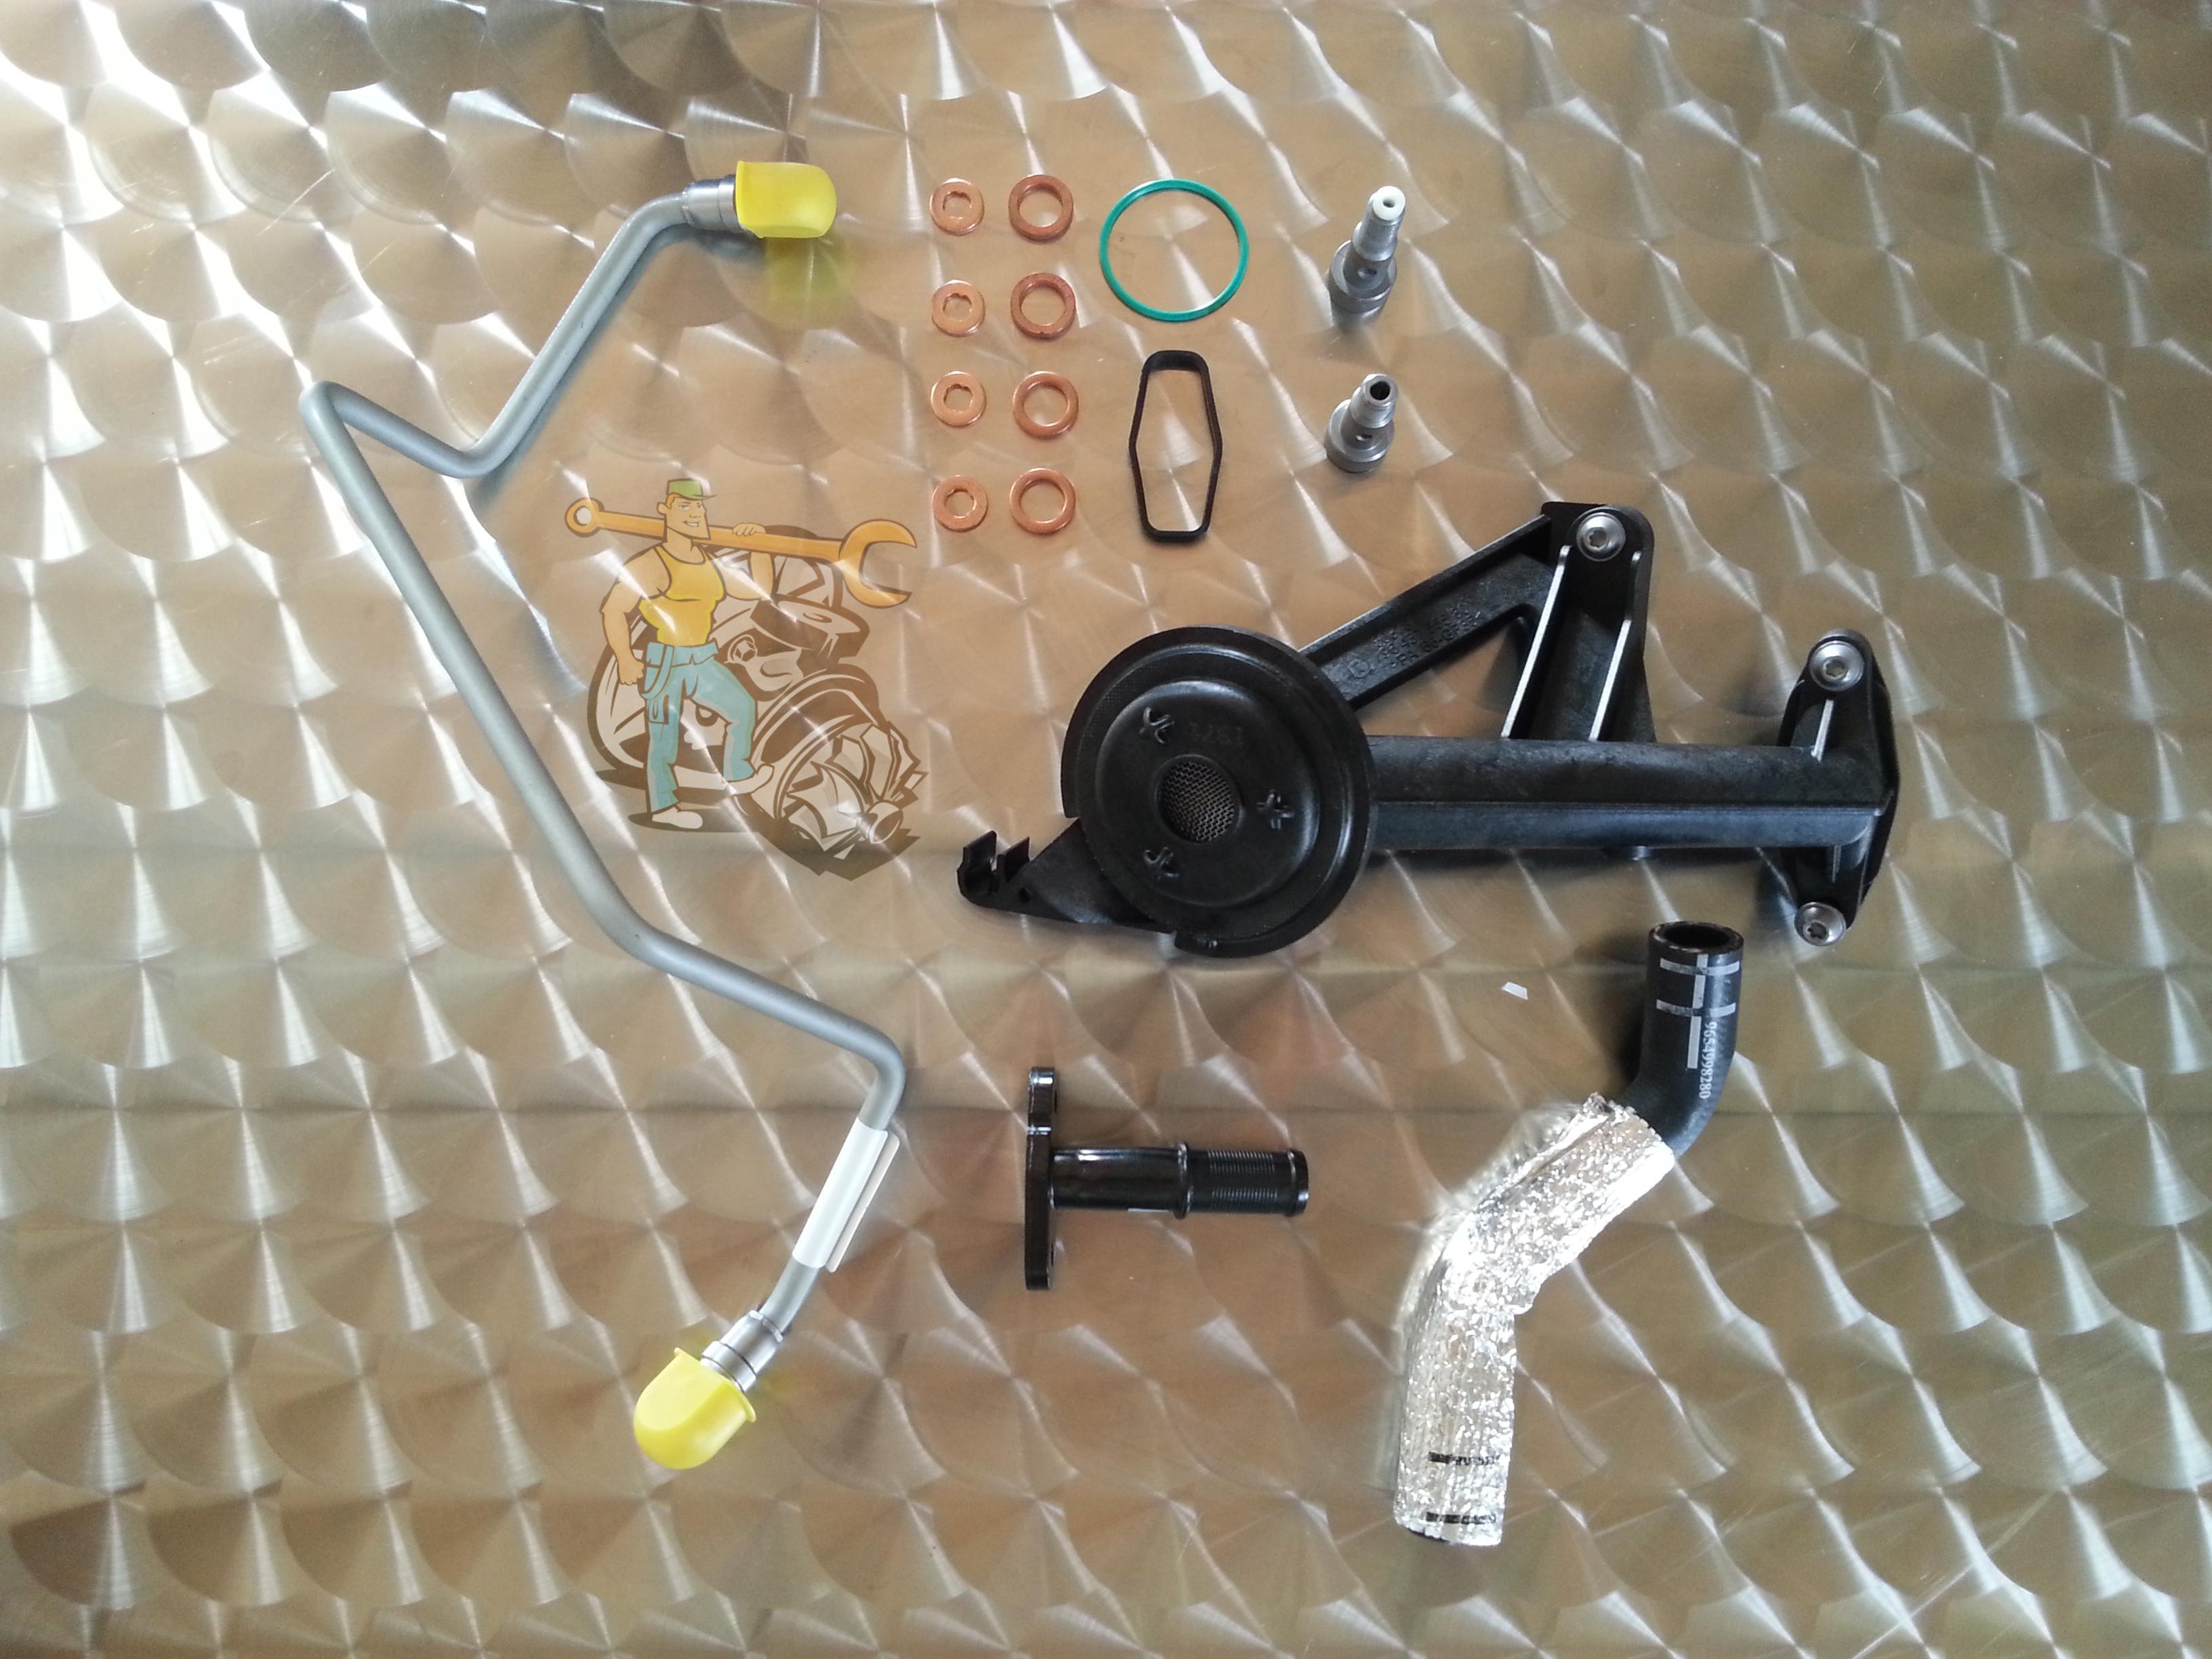 changement crepine 1 6 hdi  u2013 blog sur les voitures